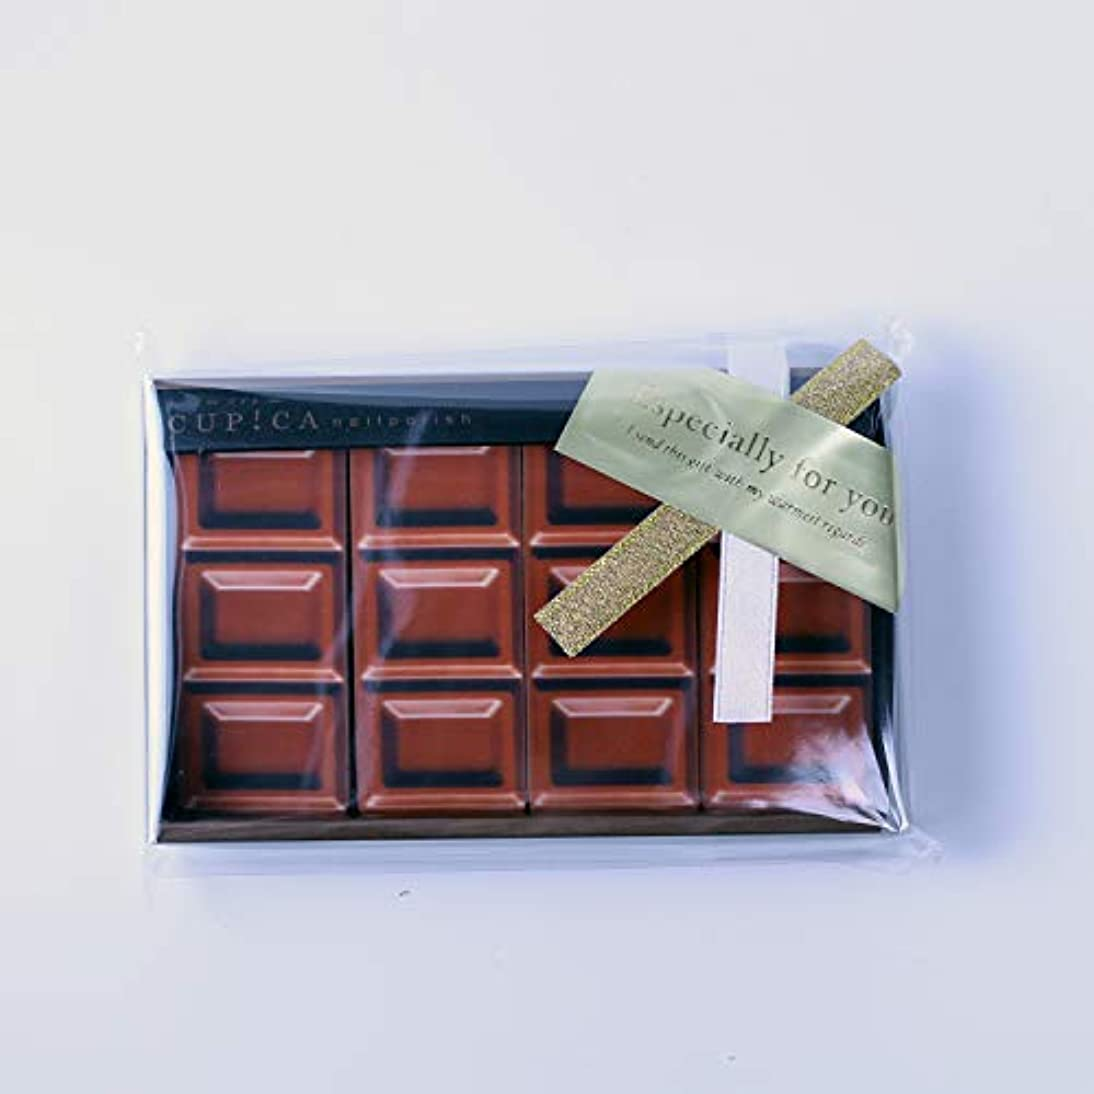 宝仮定、想定。推測一握りバレンタイン ホワイトデー ギフト お餞別 チョコのような爪磨き おもしろグッズ アルスキュピカ チョコレート柄 ギフトシール付 クリアケース入